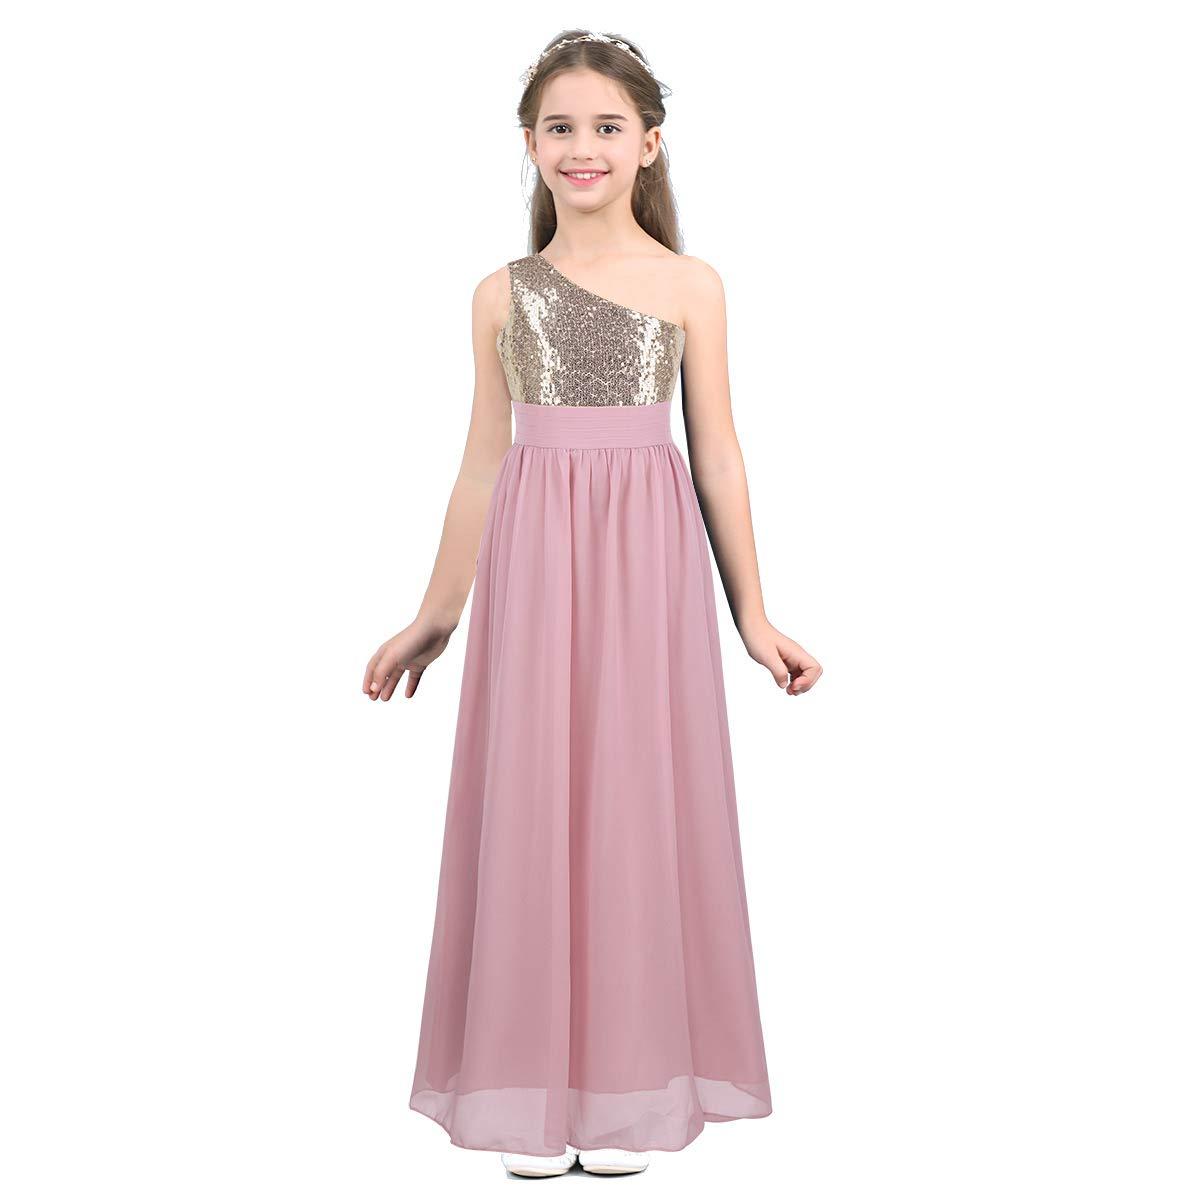 Freebily Vestido Lentejuelas para Ni/ñas Flores Vestido Largo Un Hombro para Boda Fiesta Ceremonia Concurso Actividad Dama de Honor 6-14 A/ños